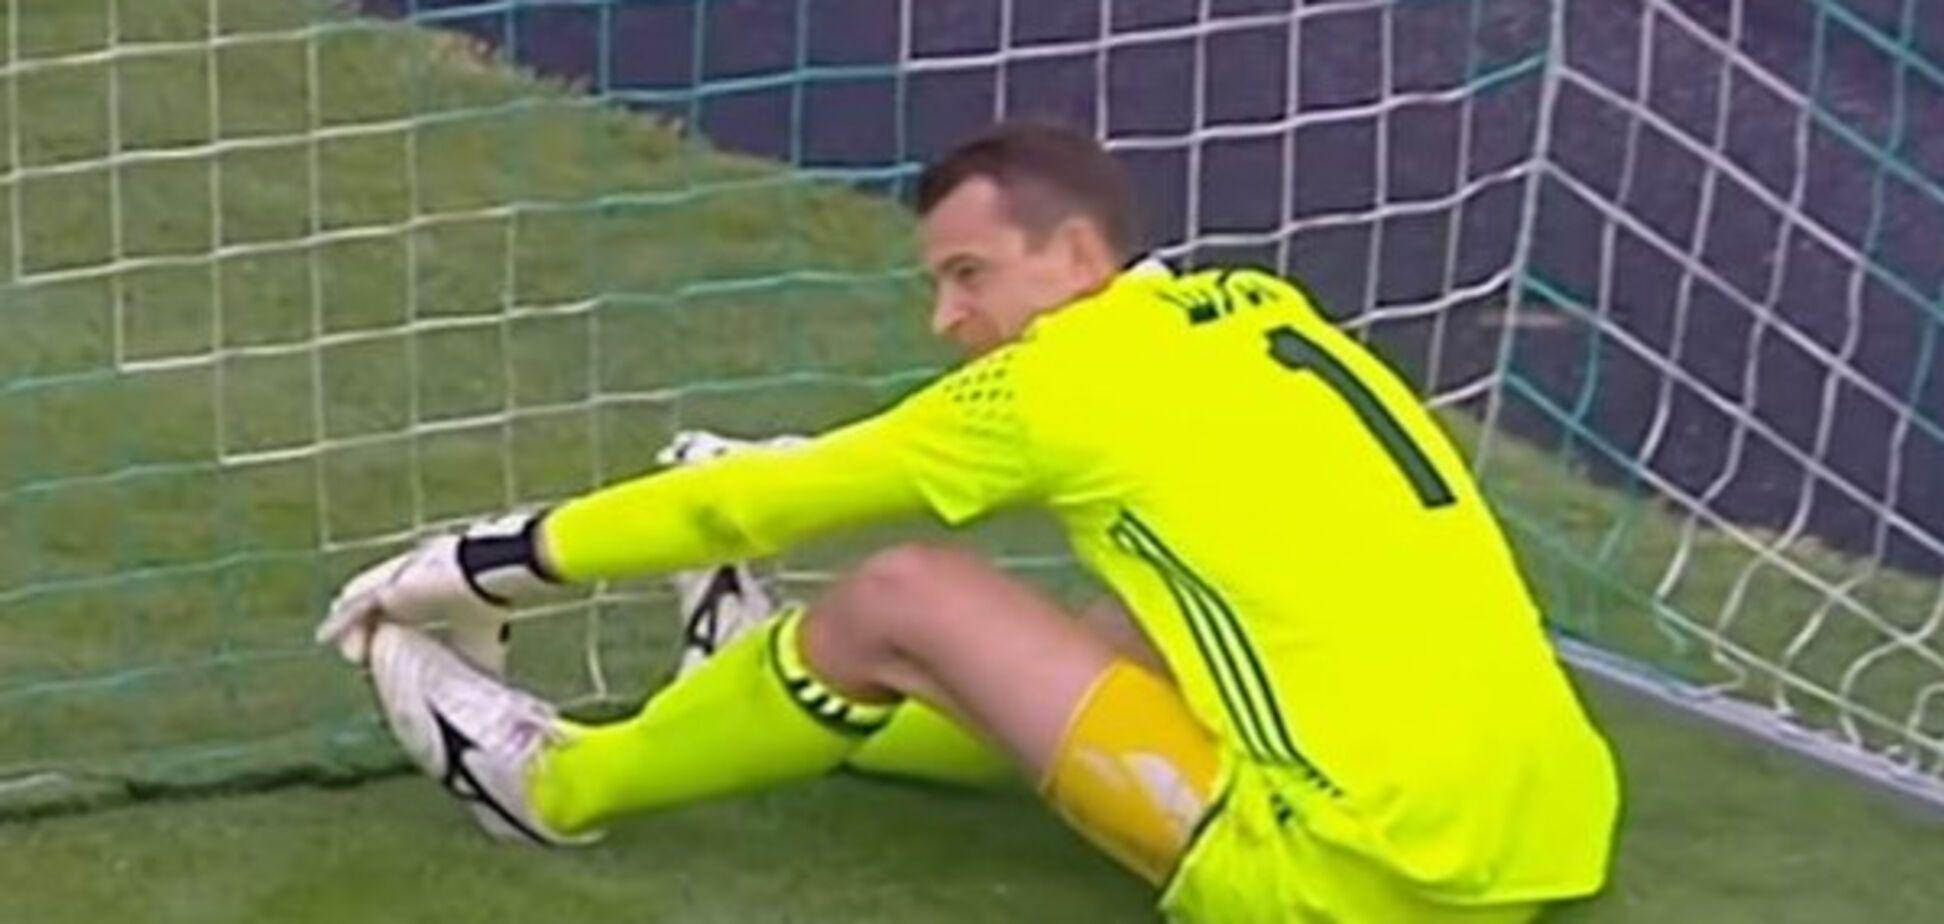 Знаменитий український воротар пропустив курйозний гол в УПЛ, позбавивши команду перемоги